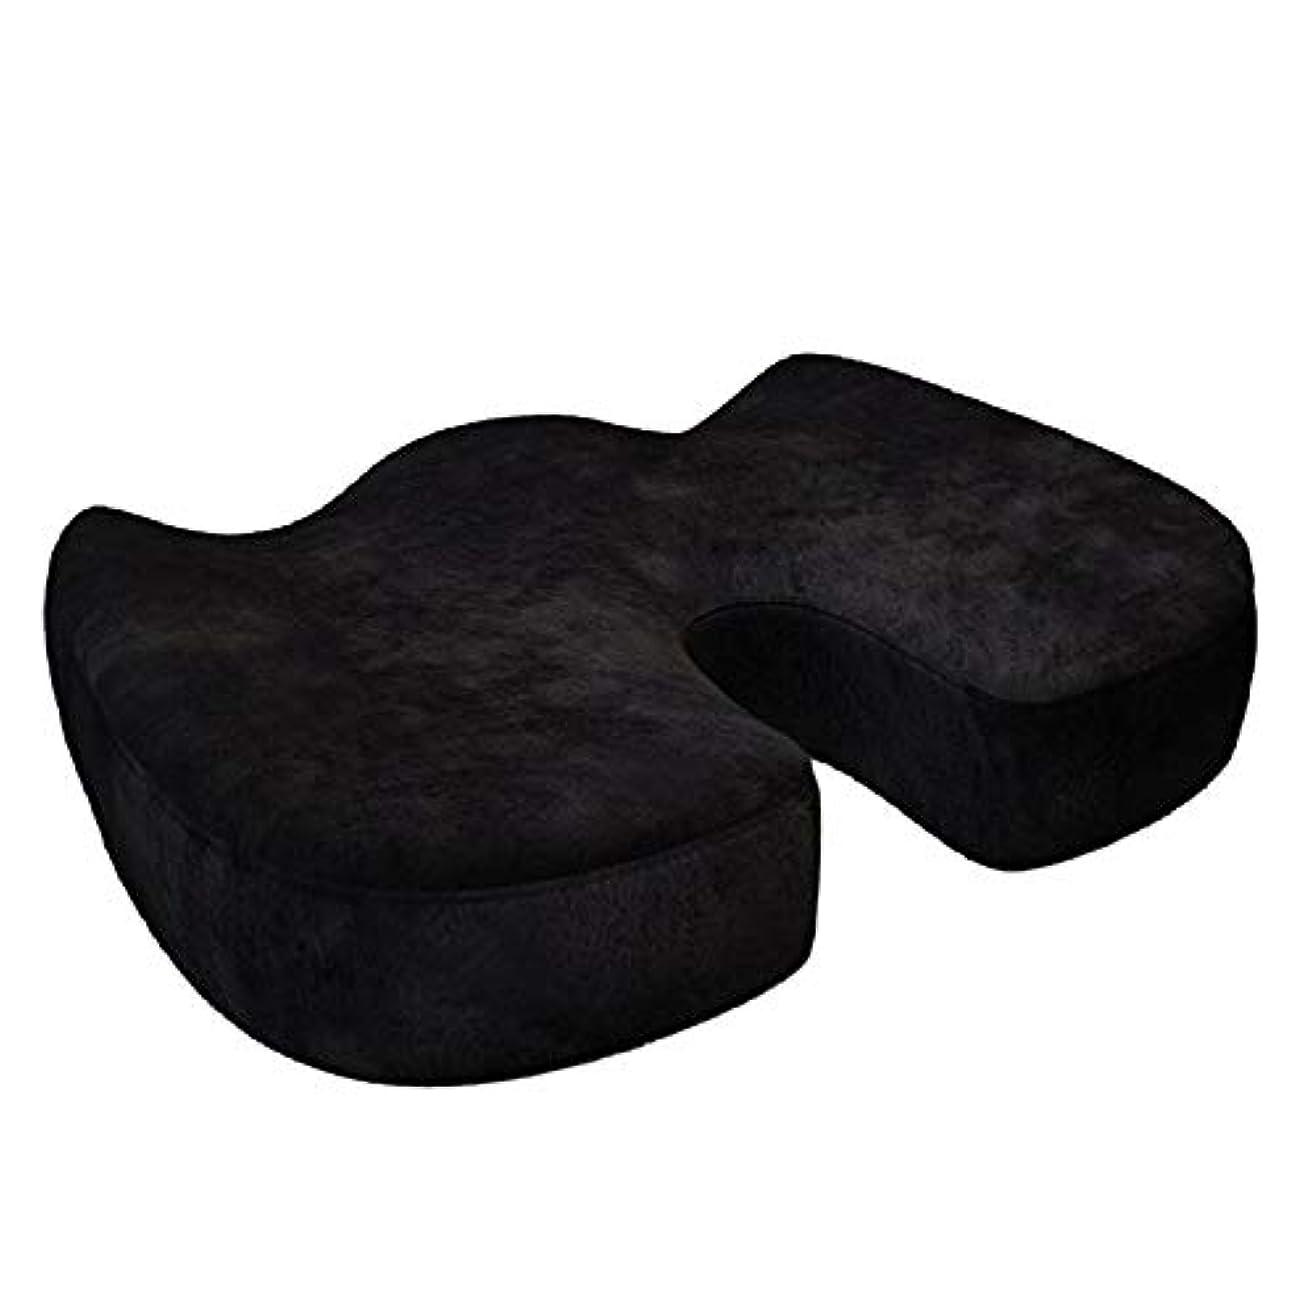 たるみ欠員チャレンジLIFE をホット販売整形外科枕シート低反発椅子オフィスクッション尾骨 クッション 椅子